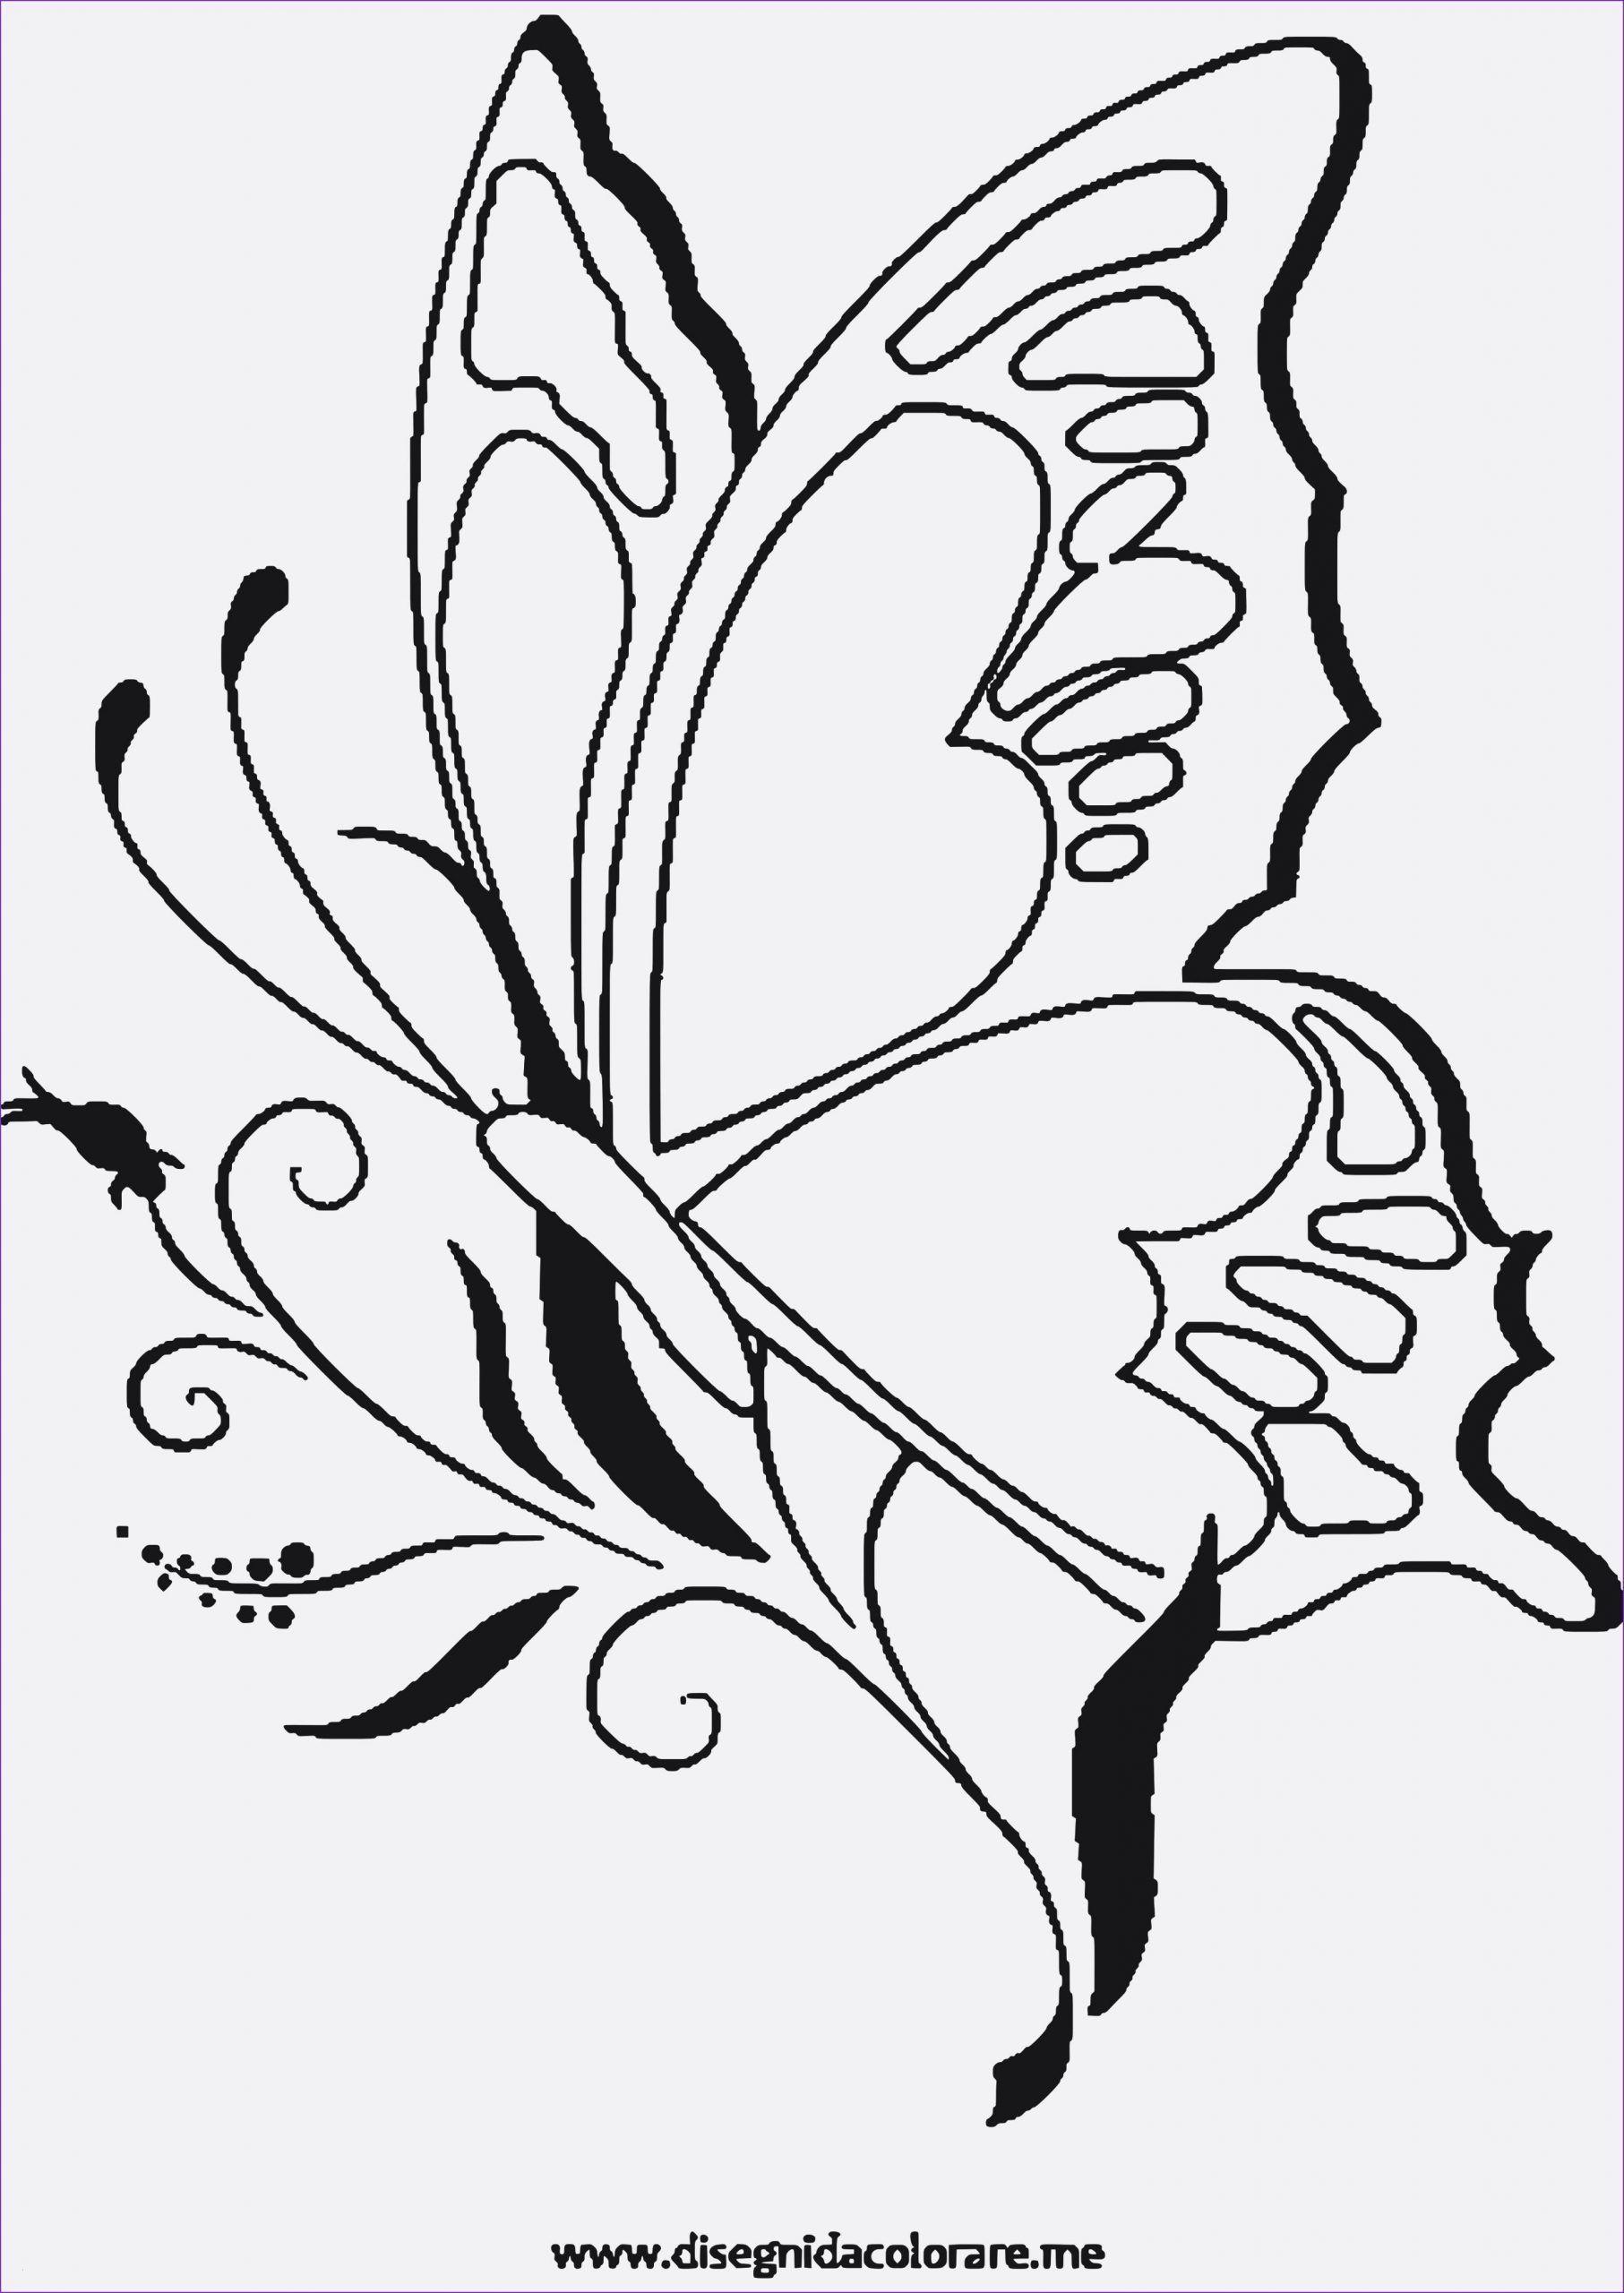 Malvorlagen Blumen Kostenlos In 2020 Malvorlagen Blumen Malvorlagen Ausmalbilder